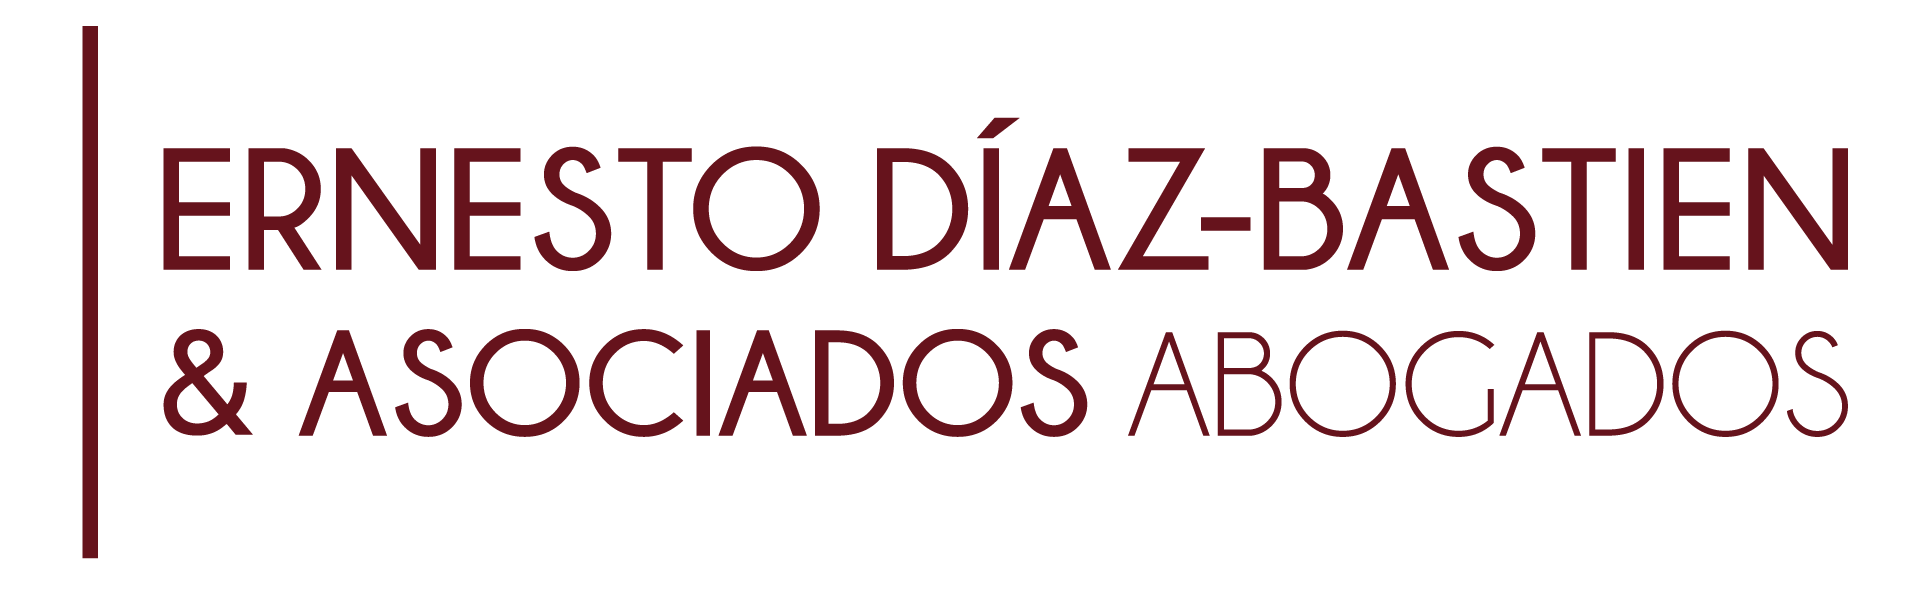 Ernesto Díaz-Bastien & Asociados Abogados